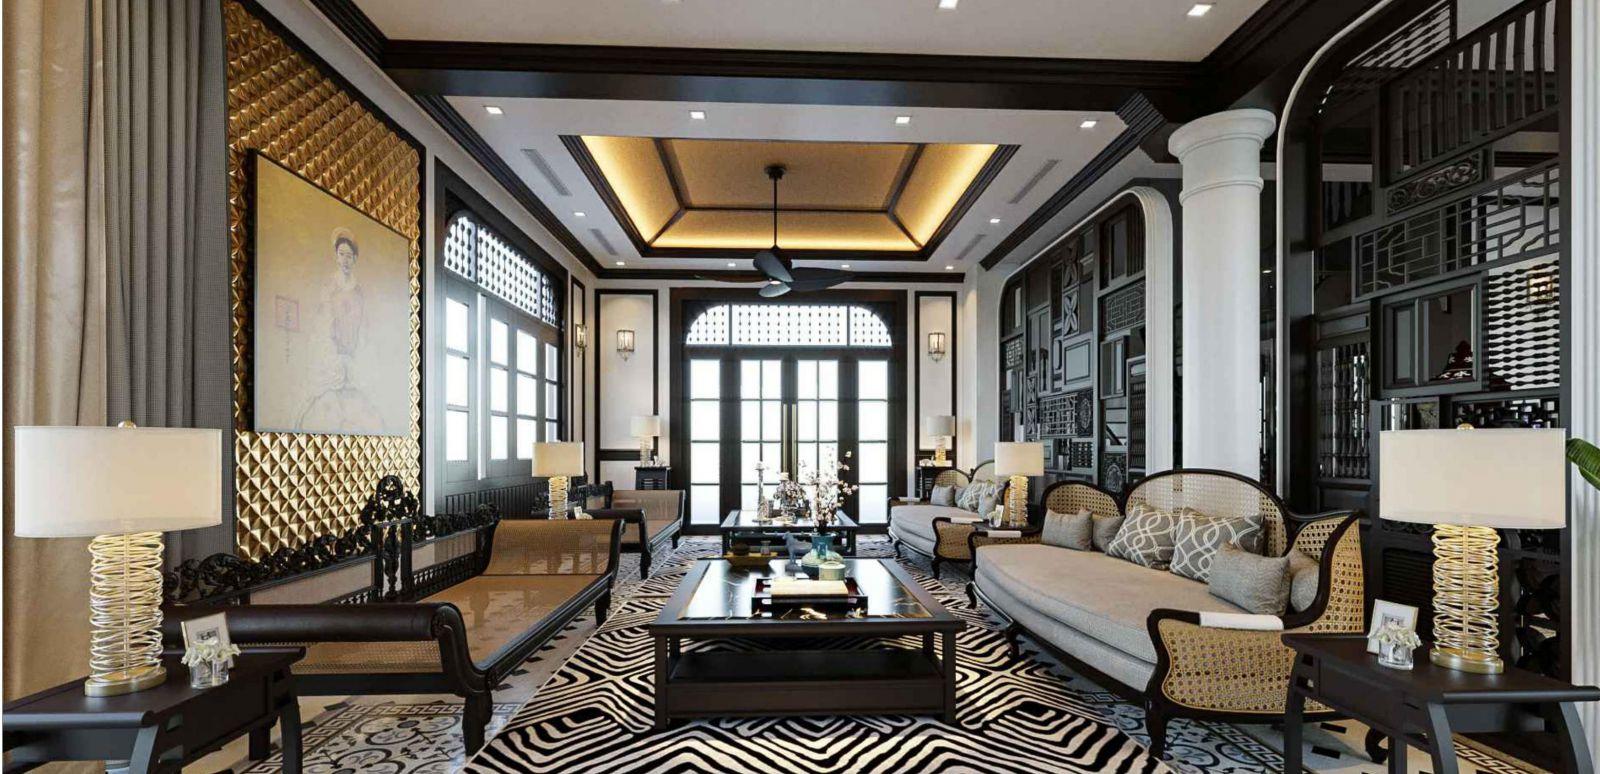 thiết kế nội thất biệt thự phong cách đông dương 2